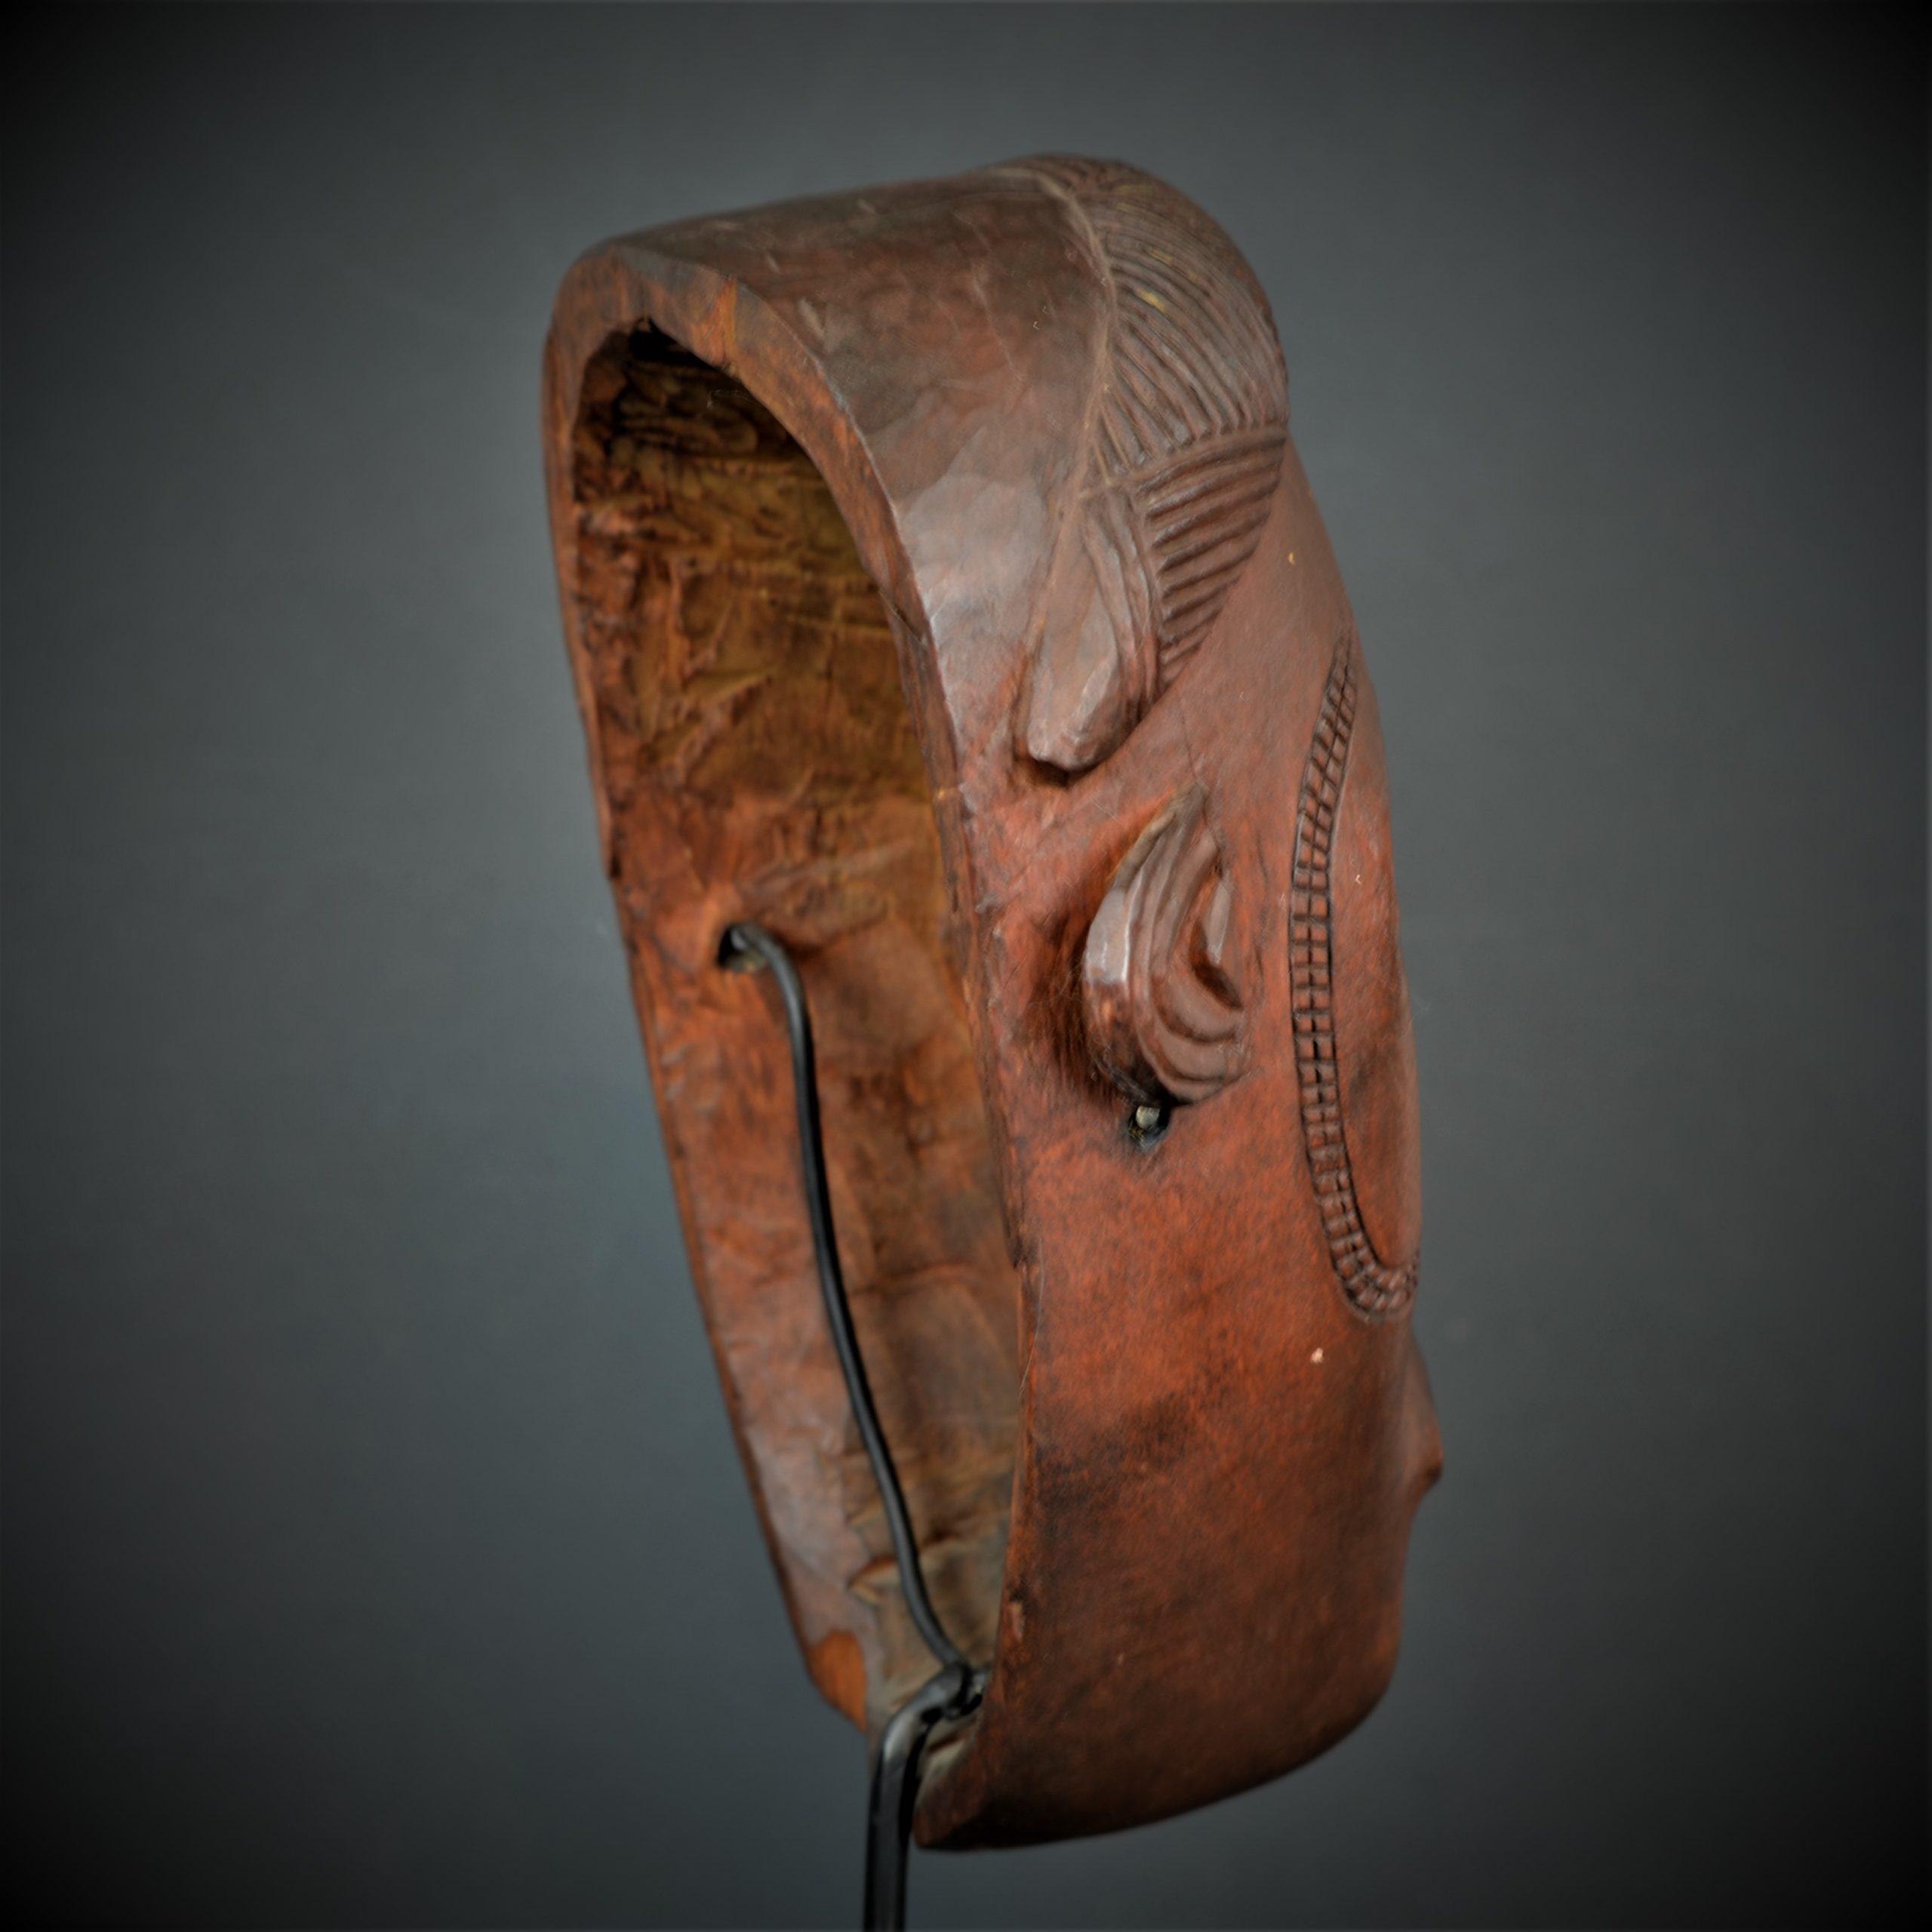 masque chokwe 8